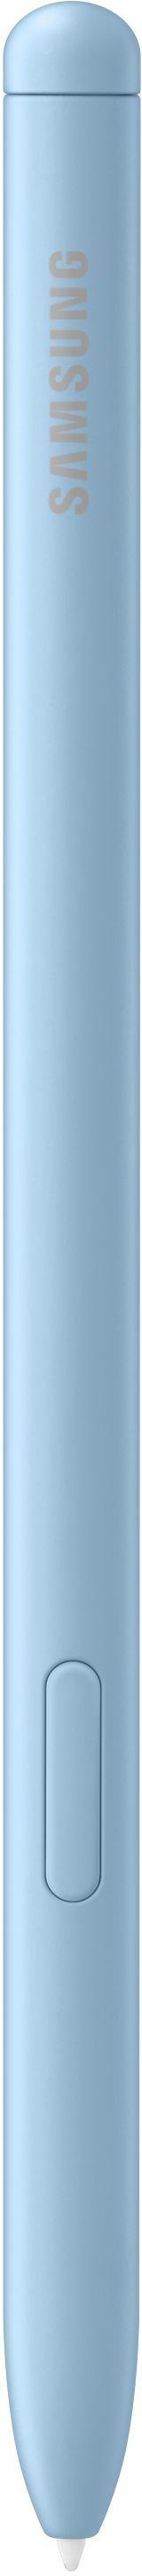 Планшет Samsung Galaxy Tab S6 Lite Wi-Fi 64GB (SM-P610NZBASEK) Blue от Територія твоєї техніки - 9